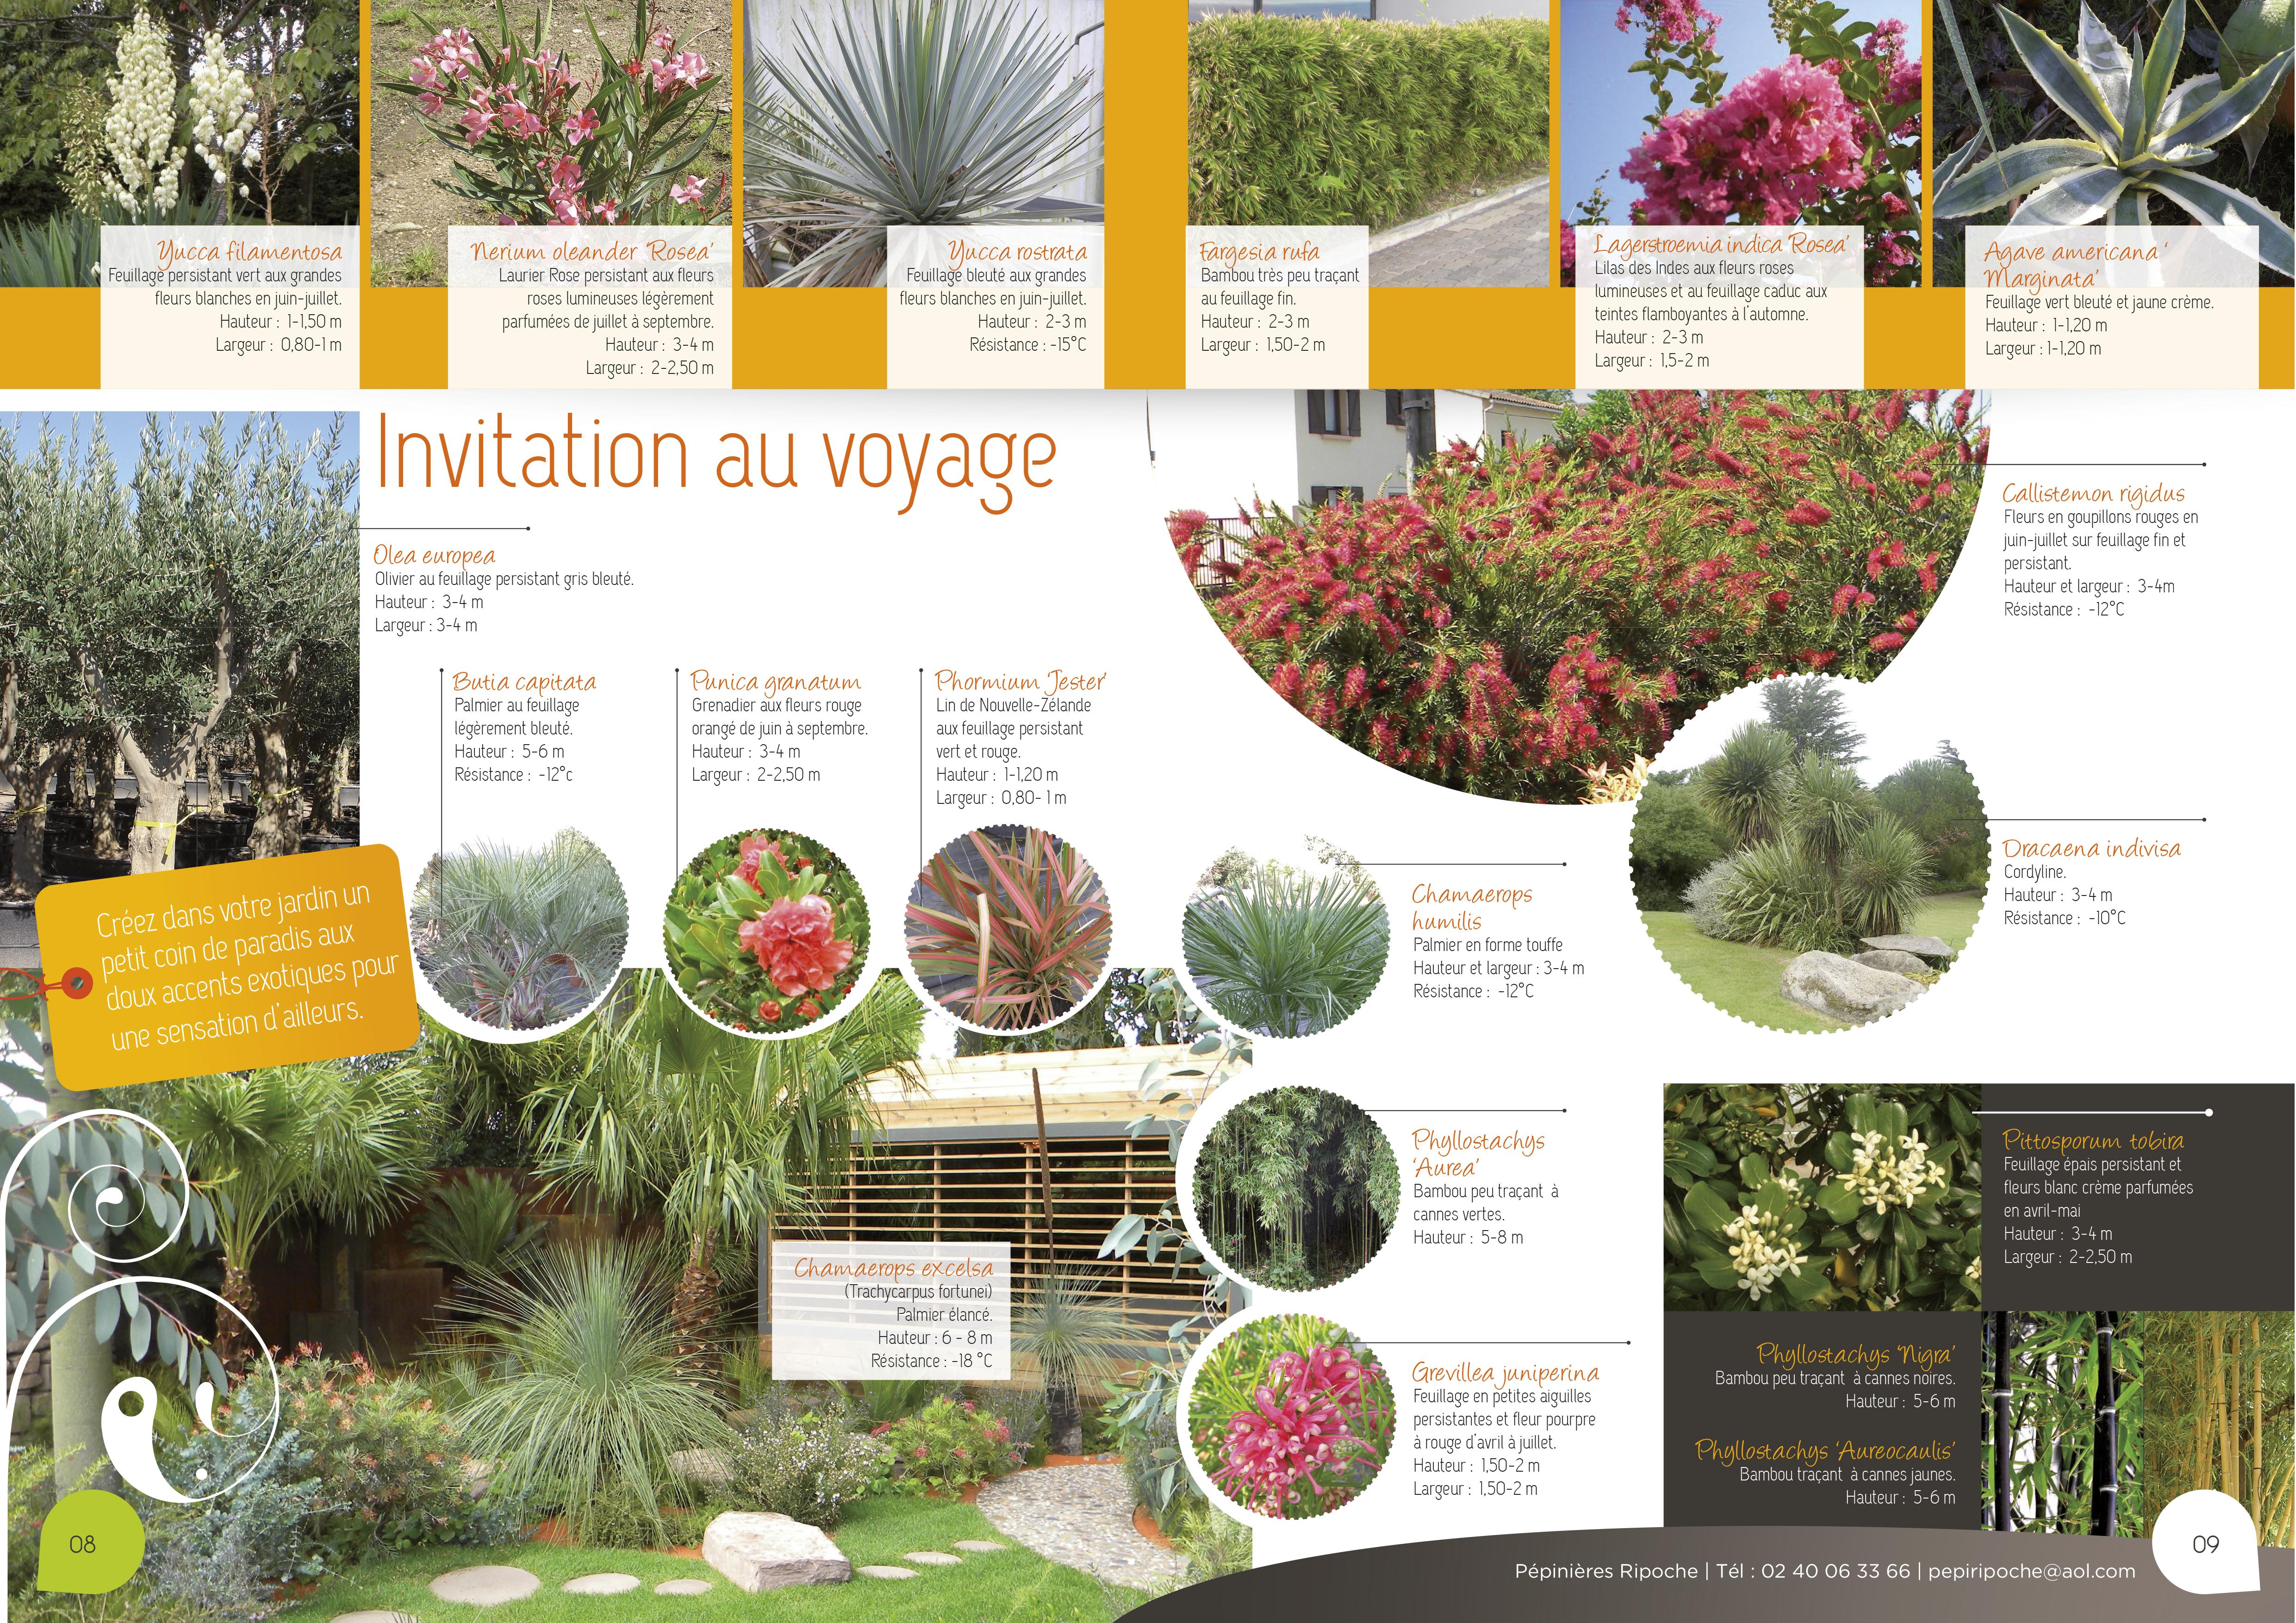 Invitation au voyage, Plantes exotiques, Oliviers, Palmiers et Bambous